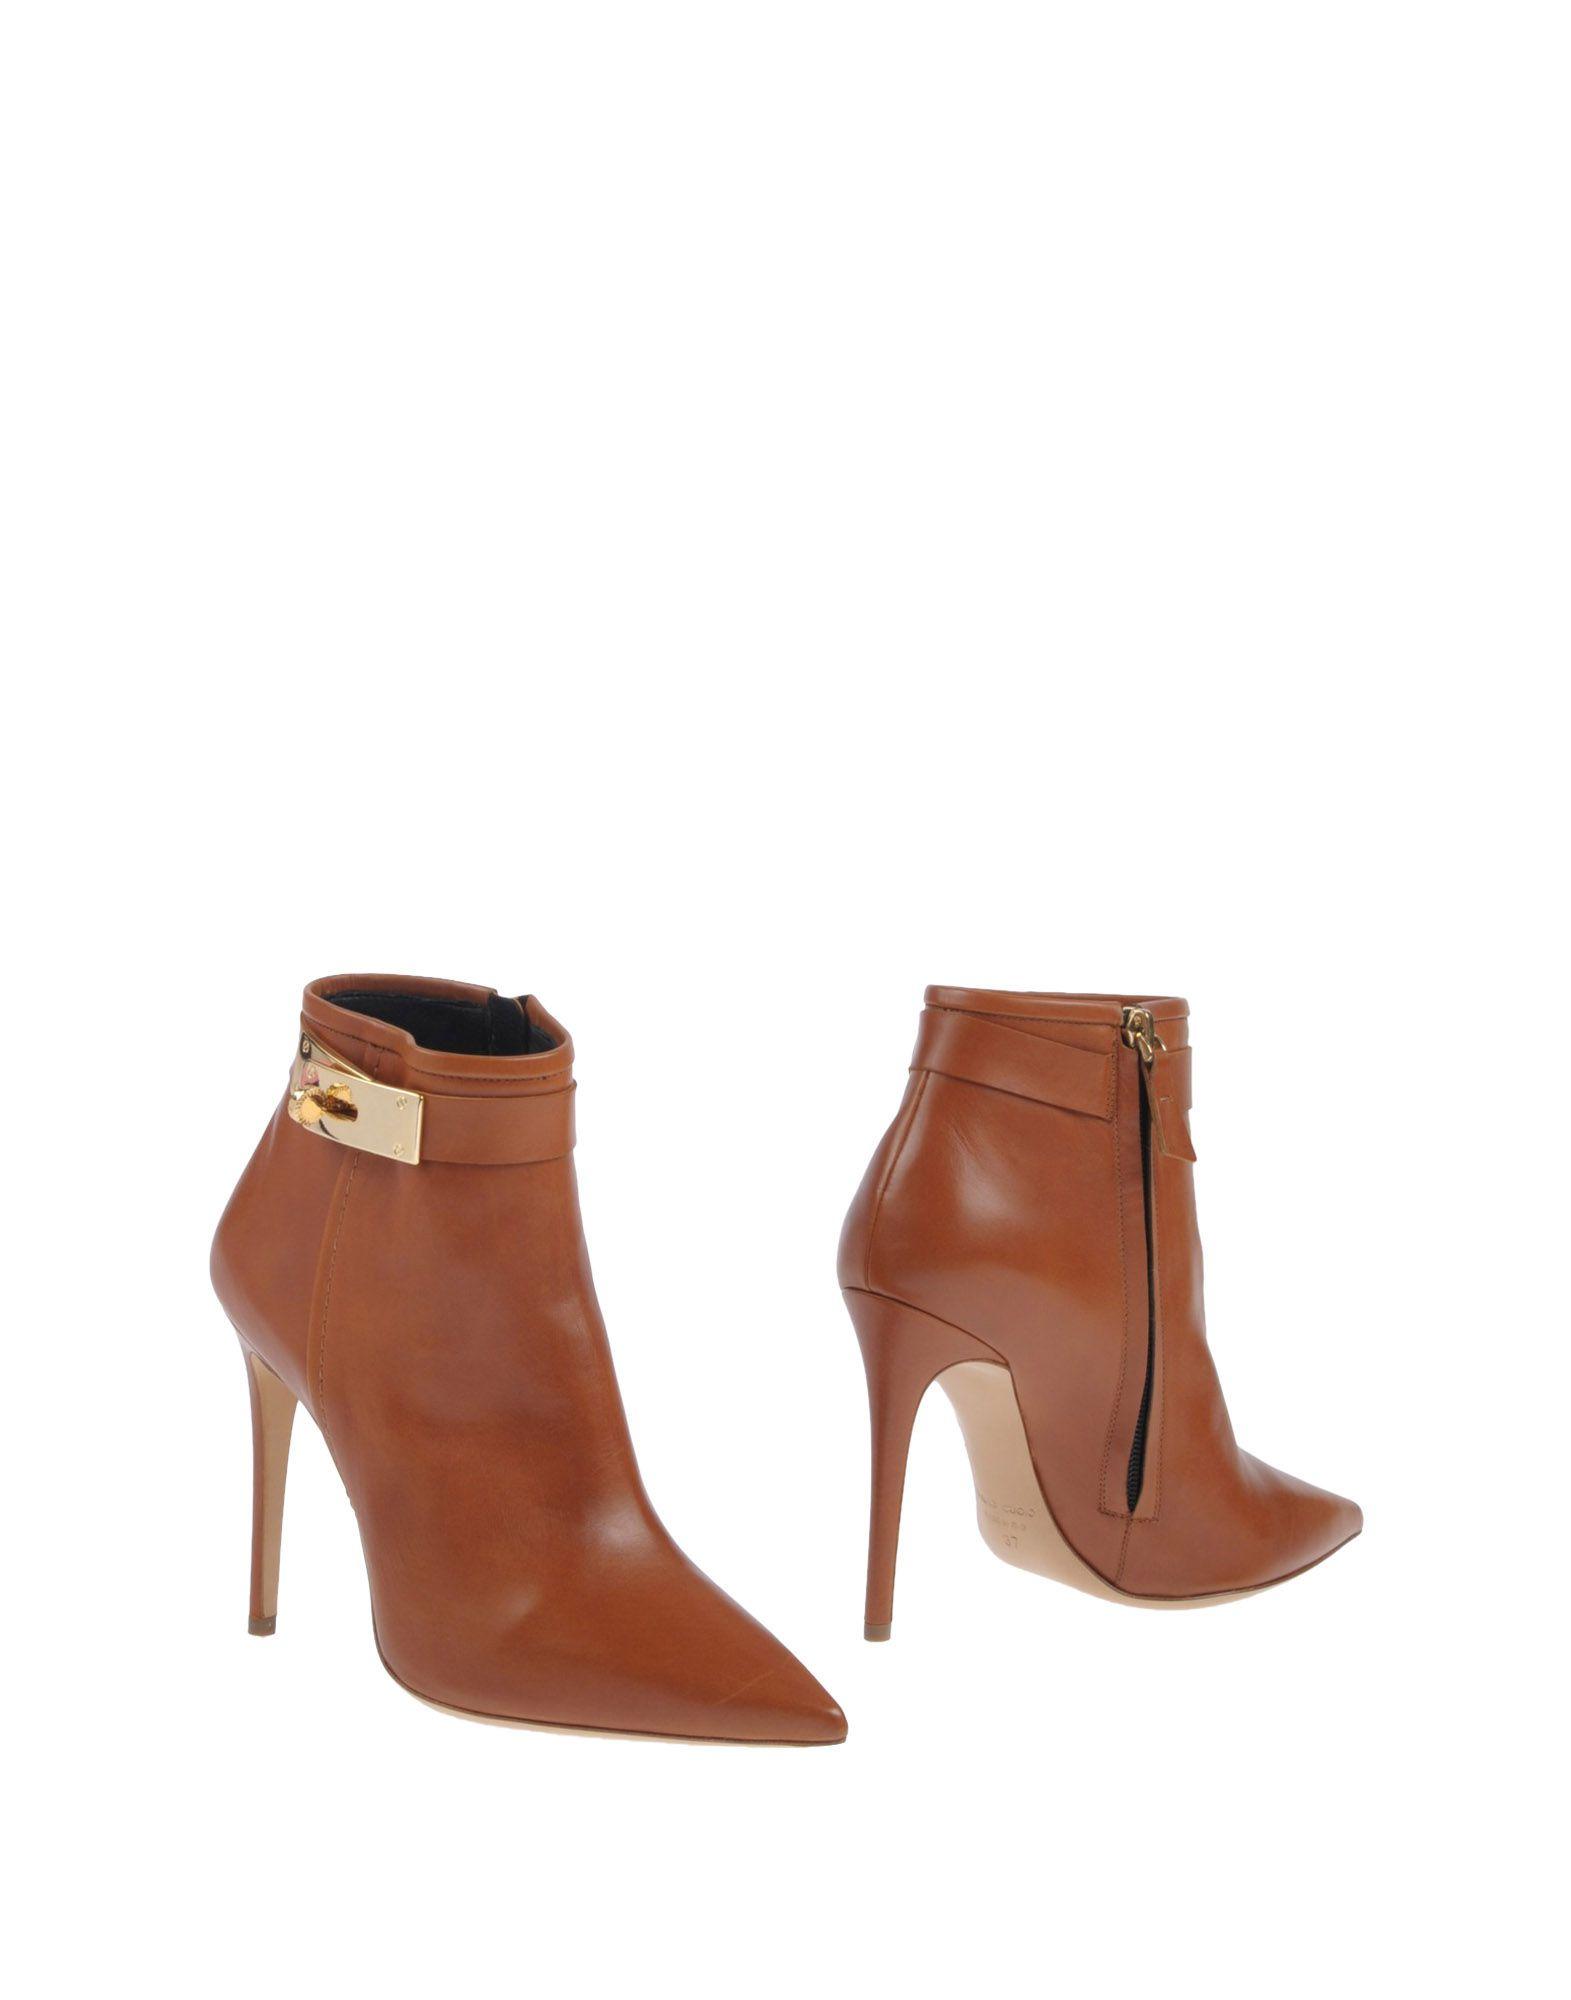 Deimille Stiefelette Damen  strapazierfähige 11448899DHGut aussehende strapazierfähige  Schuhe 51f850